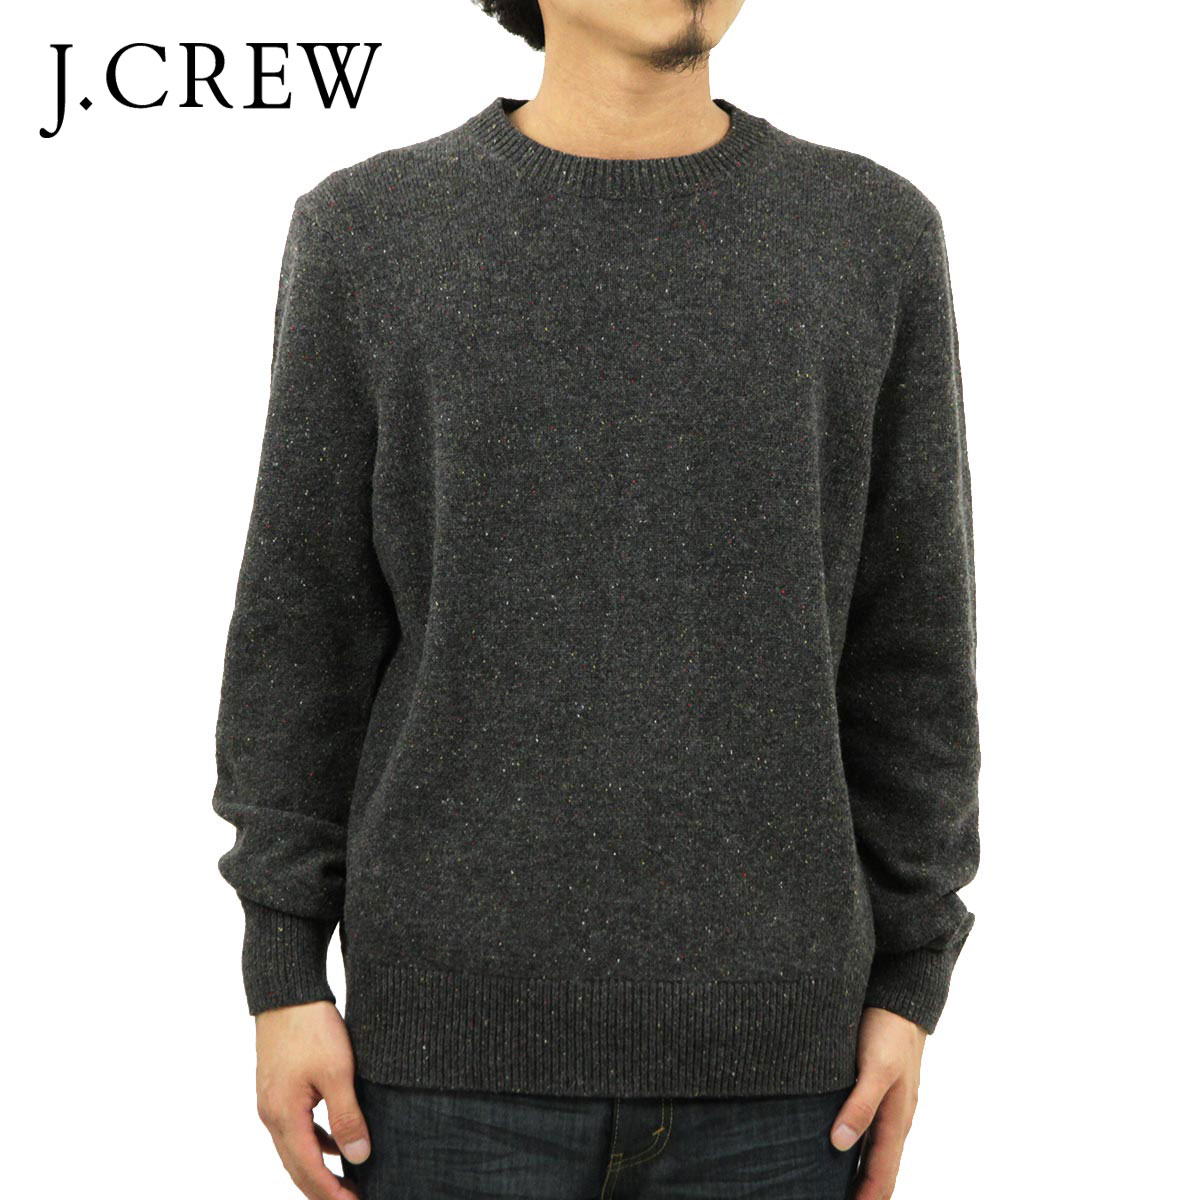 ジェイクルー セーター メンズ 正規品 J.CREW DONEGAL ELBOW-PATCH SWEATER D20S30